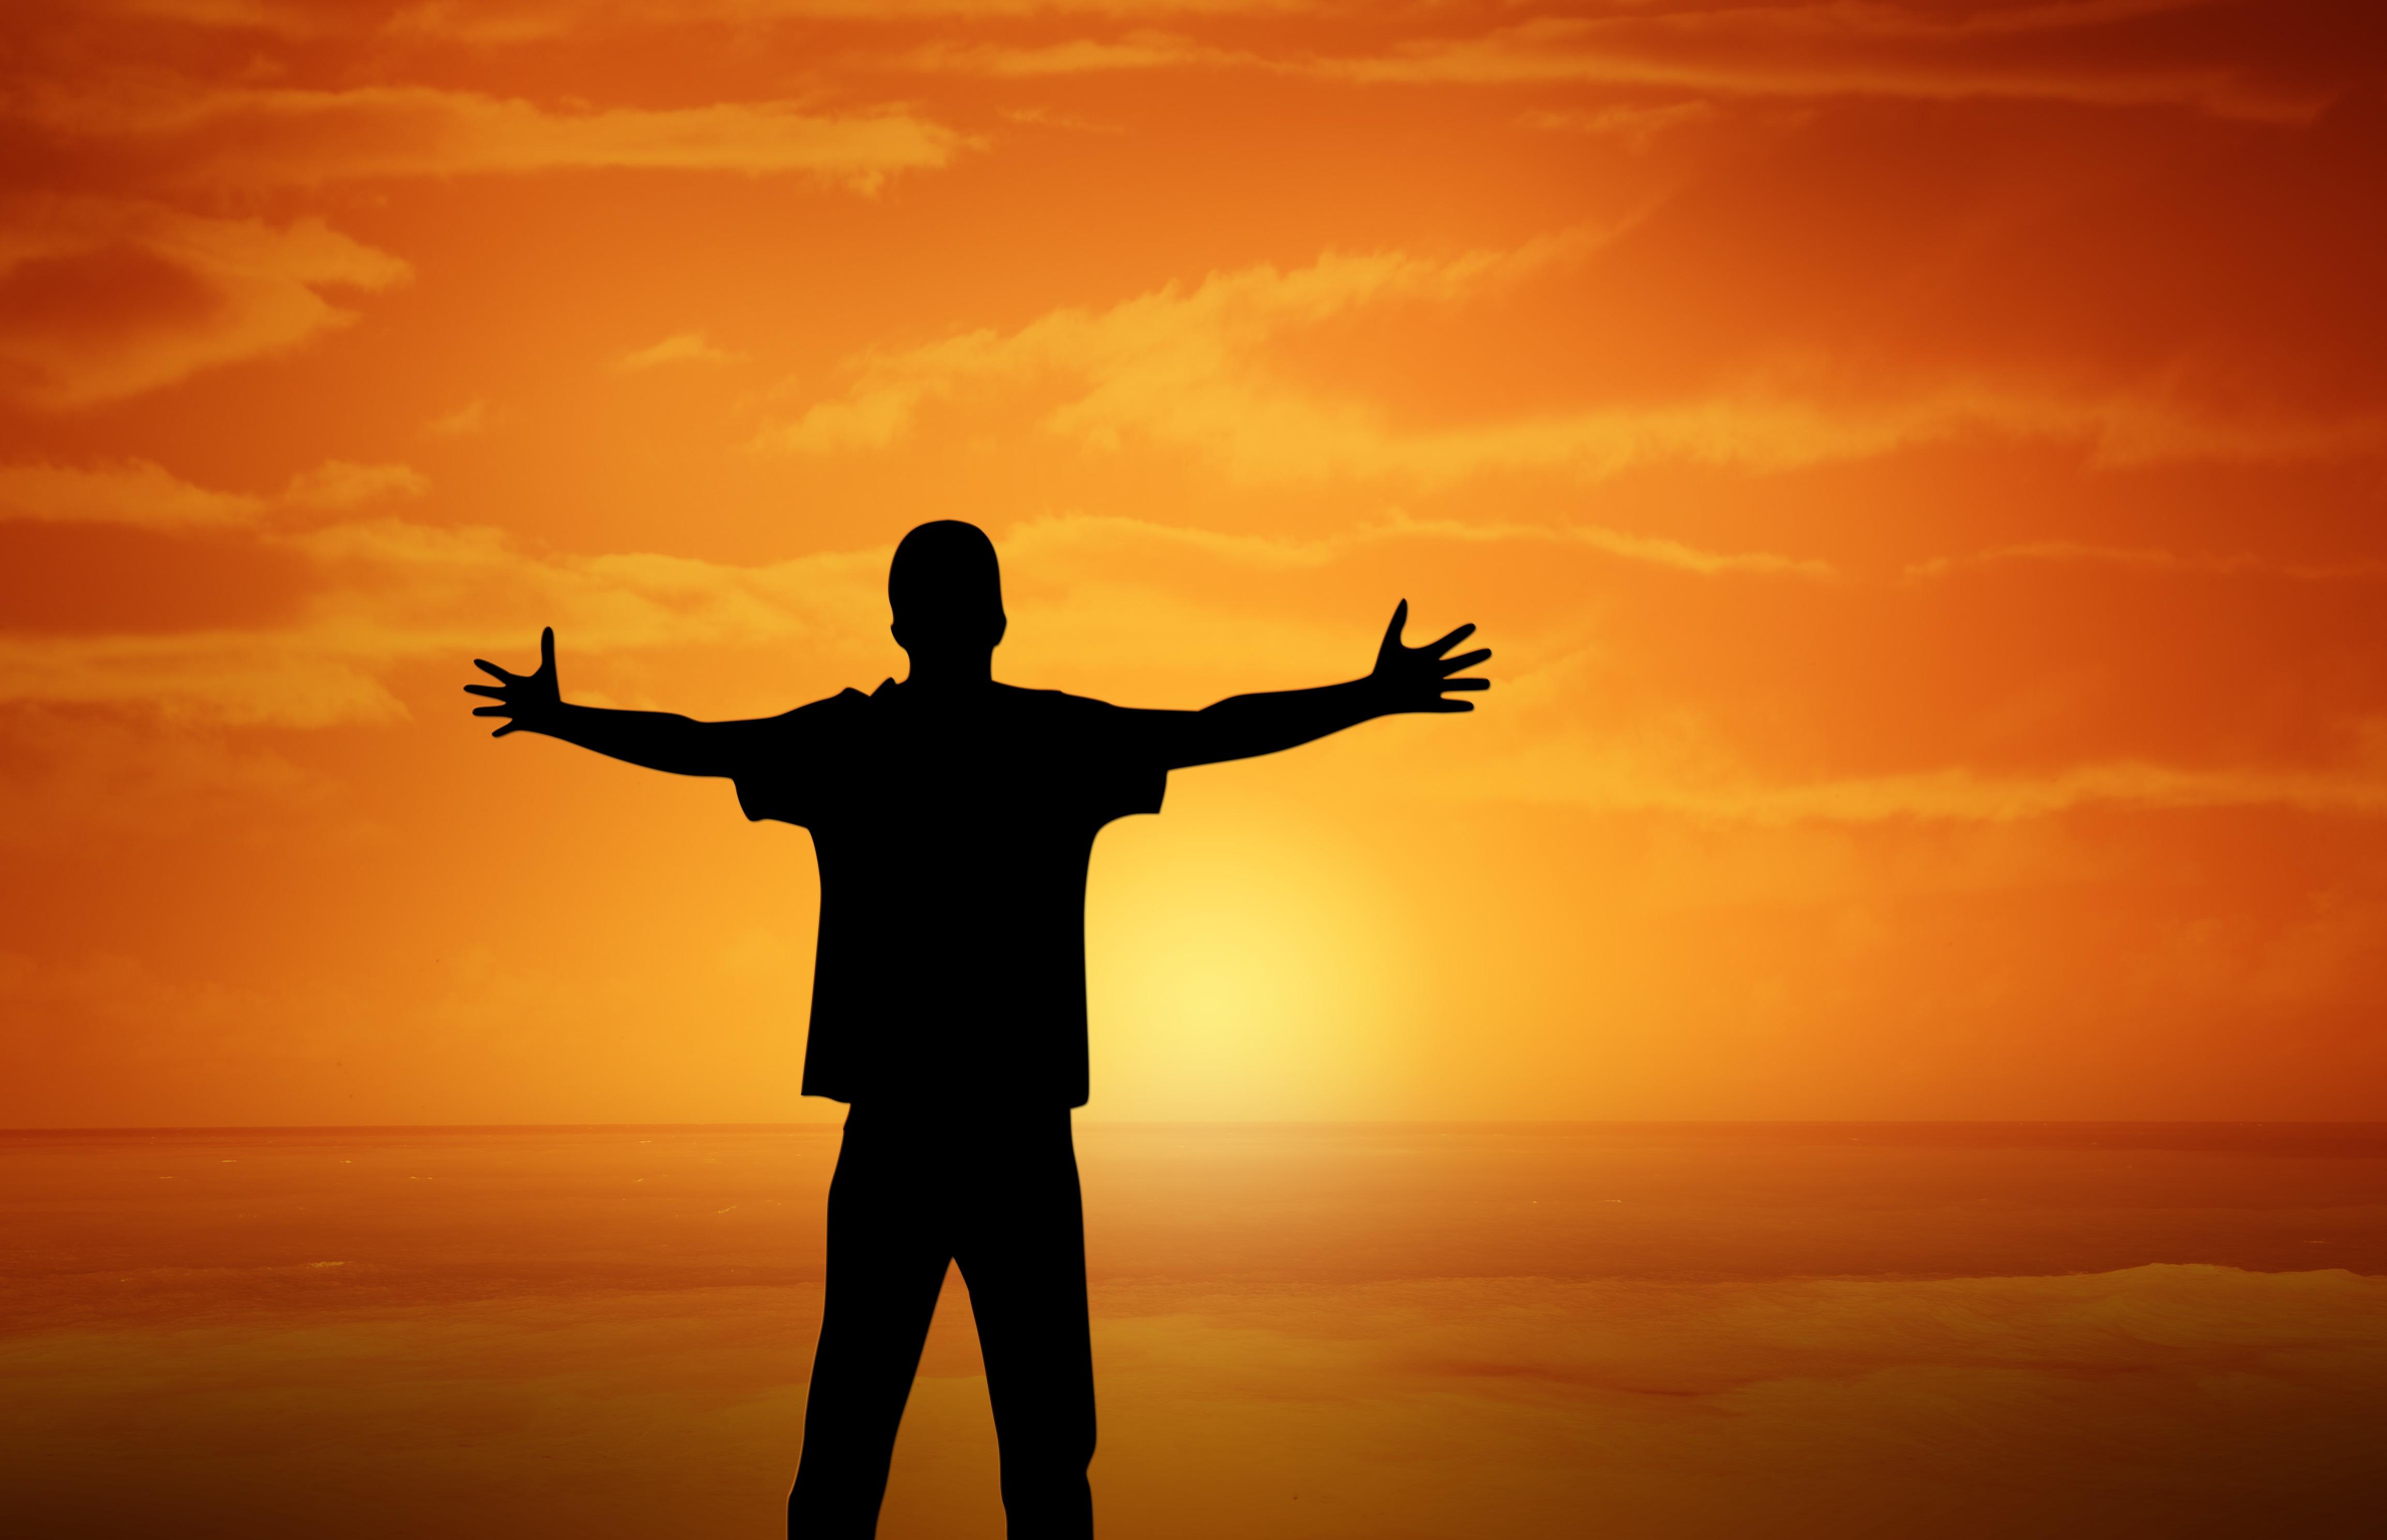 ובחרת בחיים - טיפול זוגי, חשיבה חיובית, משפחה, הגשמה והצלחה